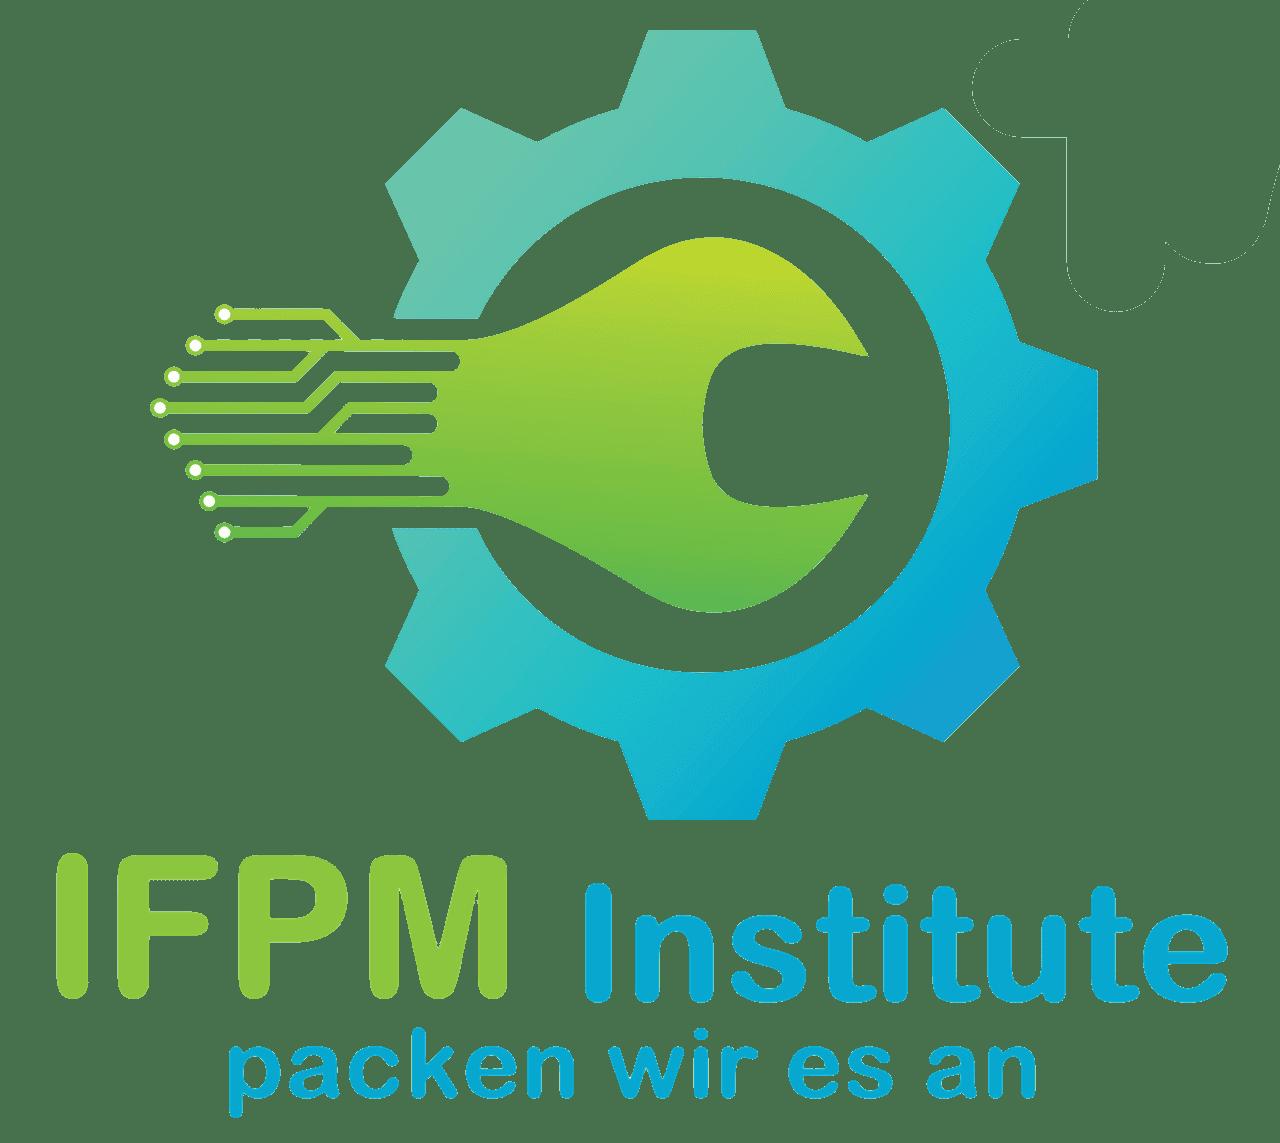 logo-IFPM_packen-wir-es-an